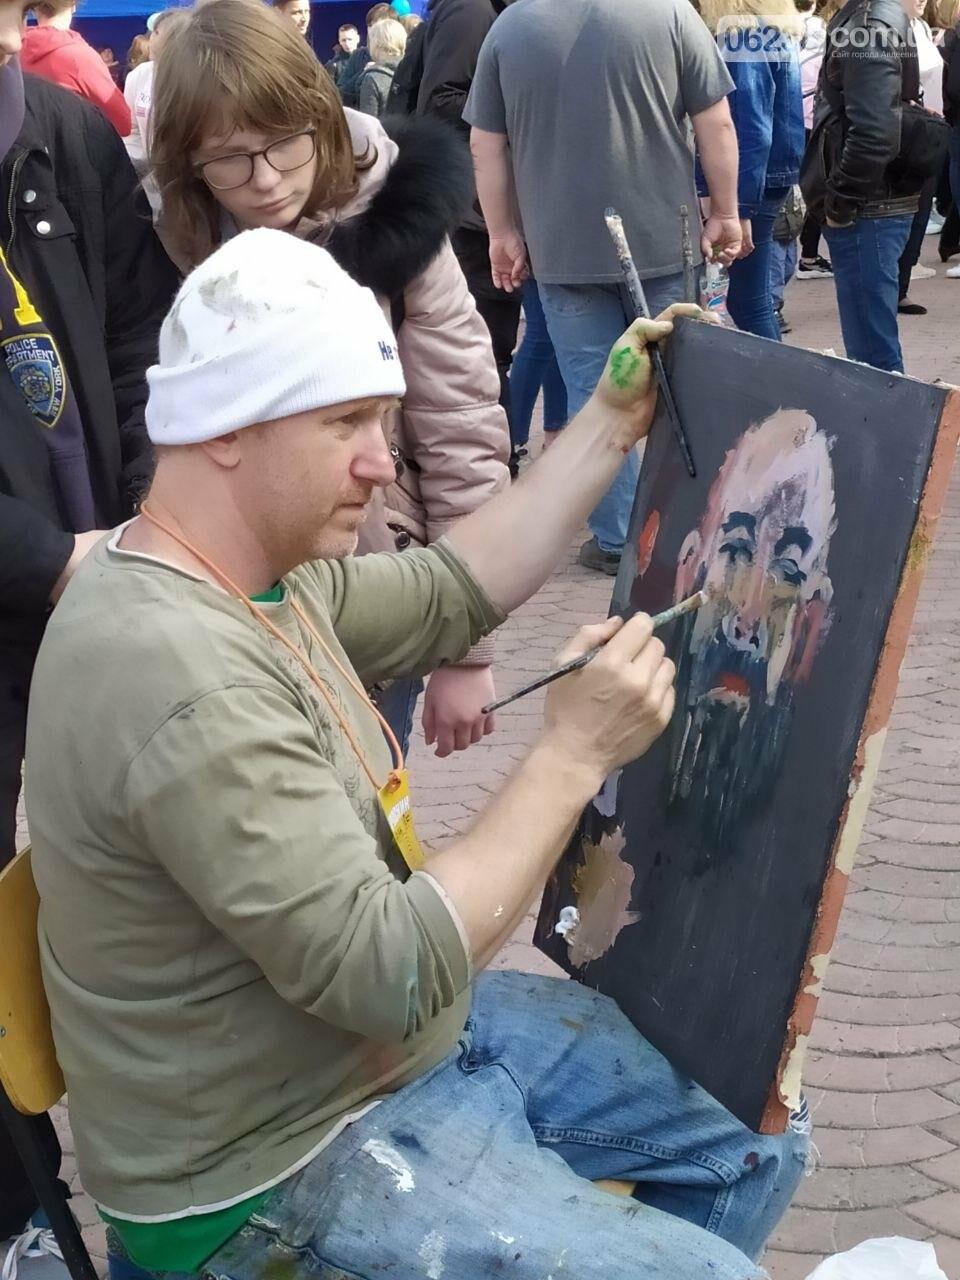 ФОТОРЕПОРТАЖ. Яркие моменты фестиваля искусств в Авдеевке, фото-26